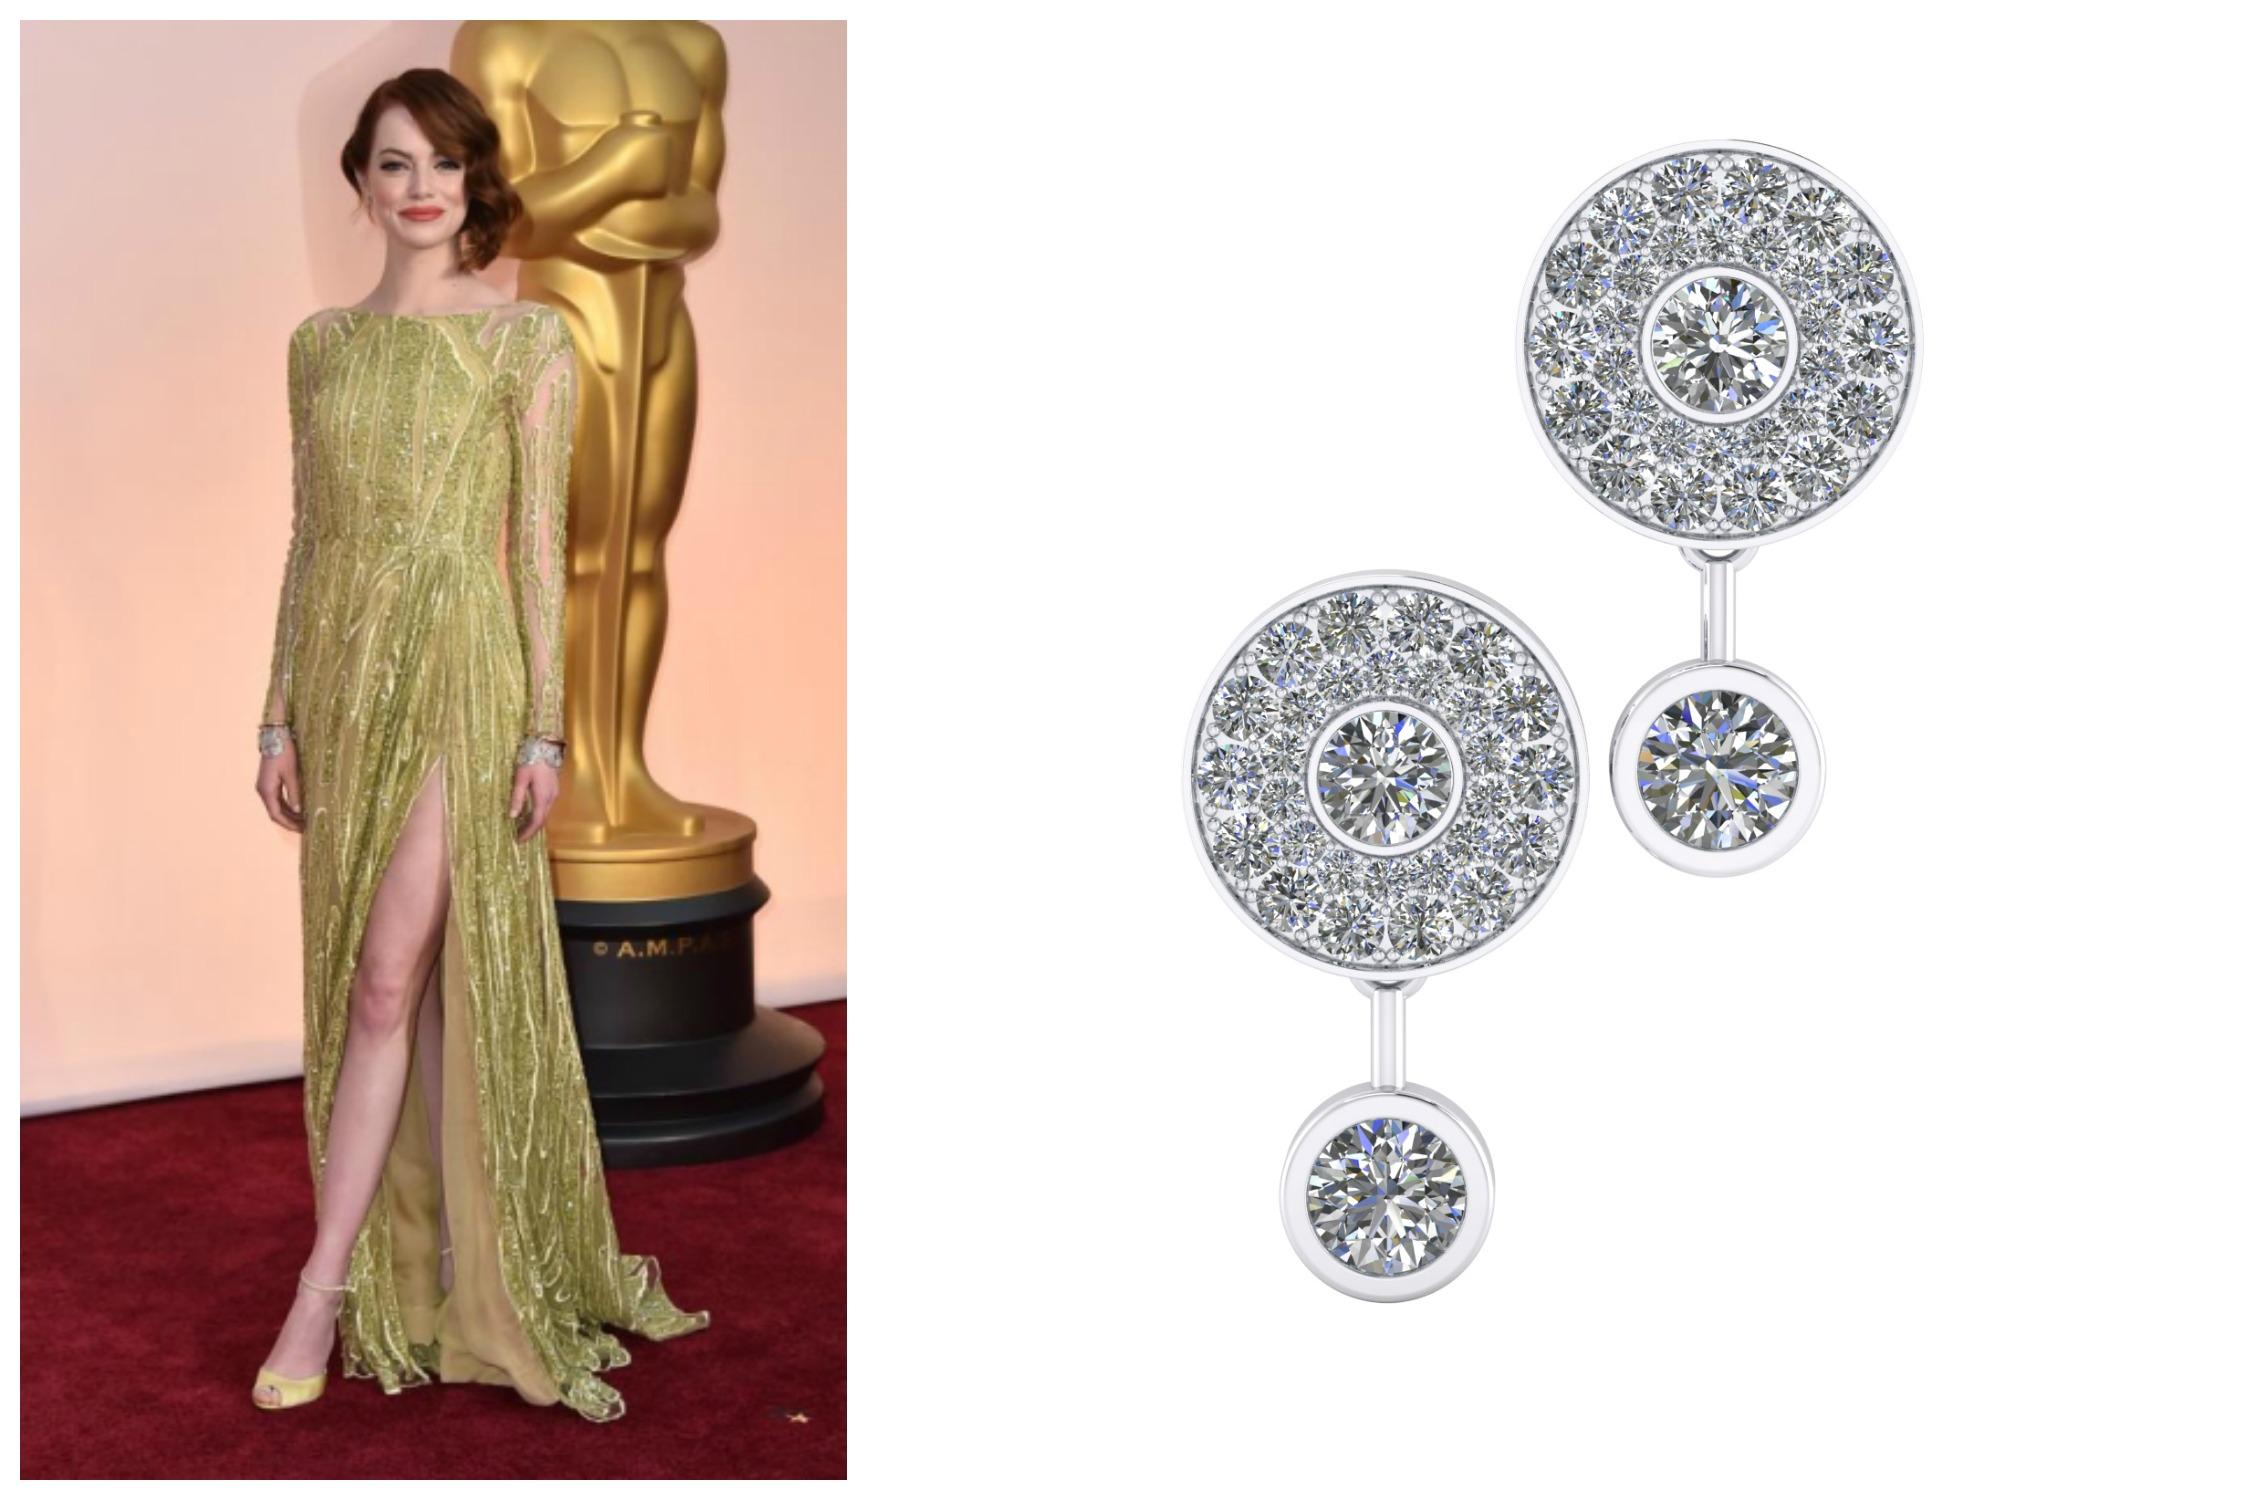 Emma Stone CP - Preciosos arrecades d'or blanc 18k i 50 diamants de Clemència Peris